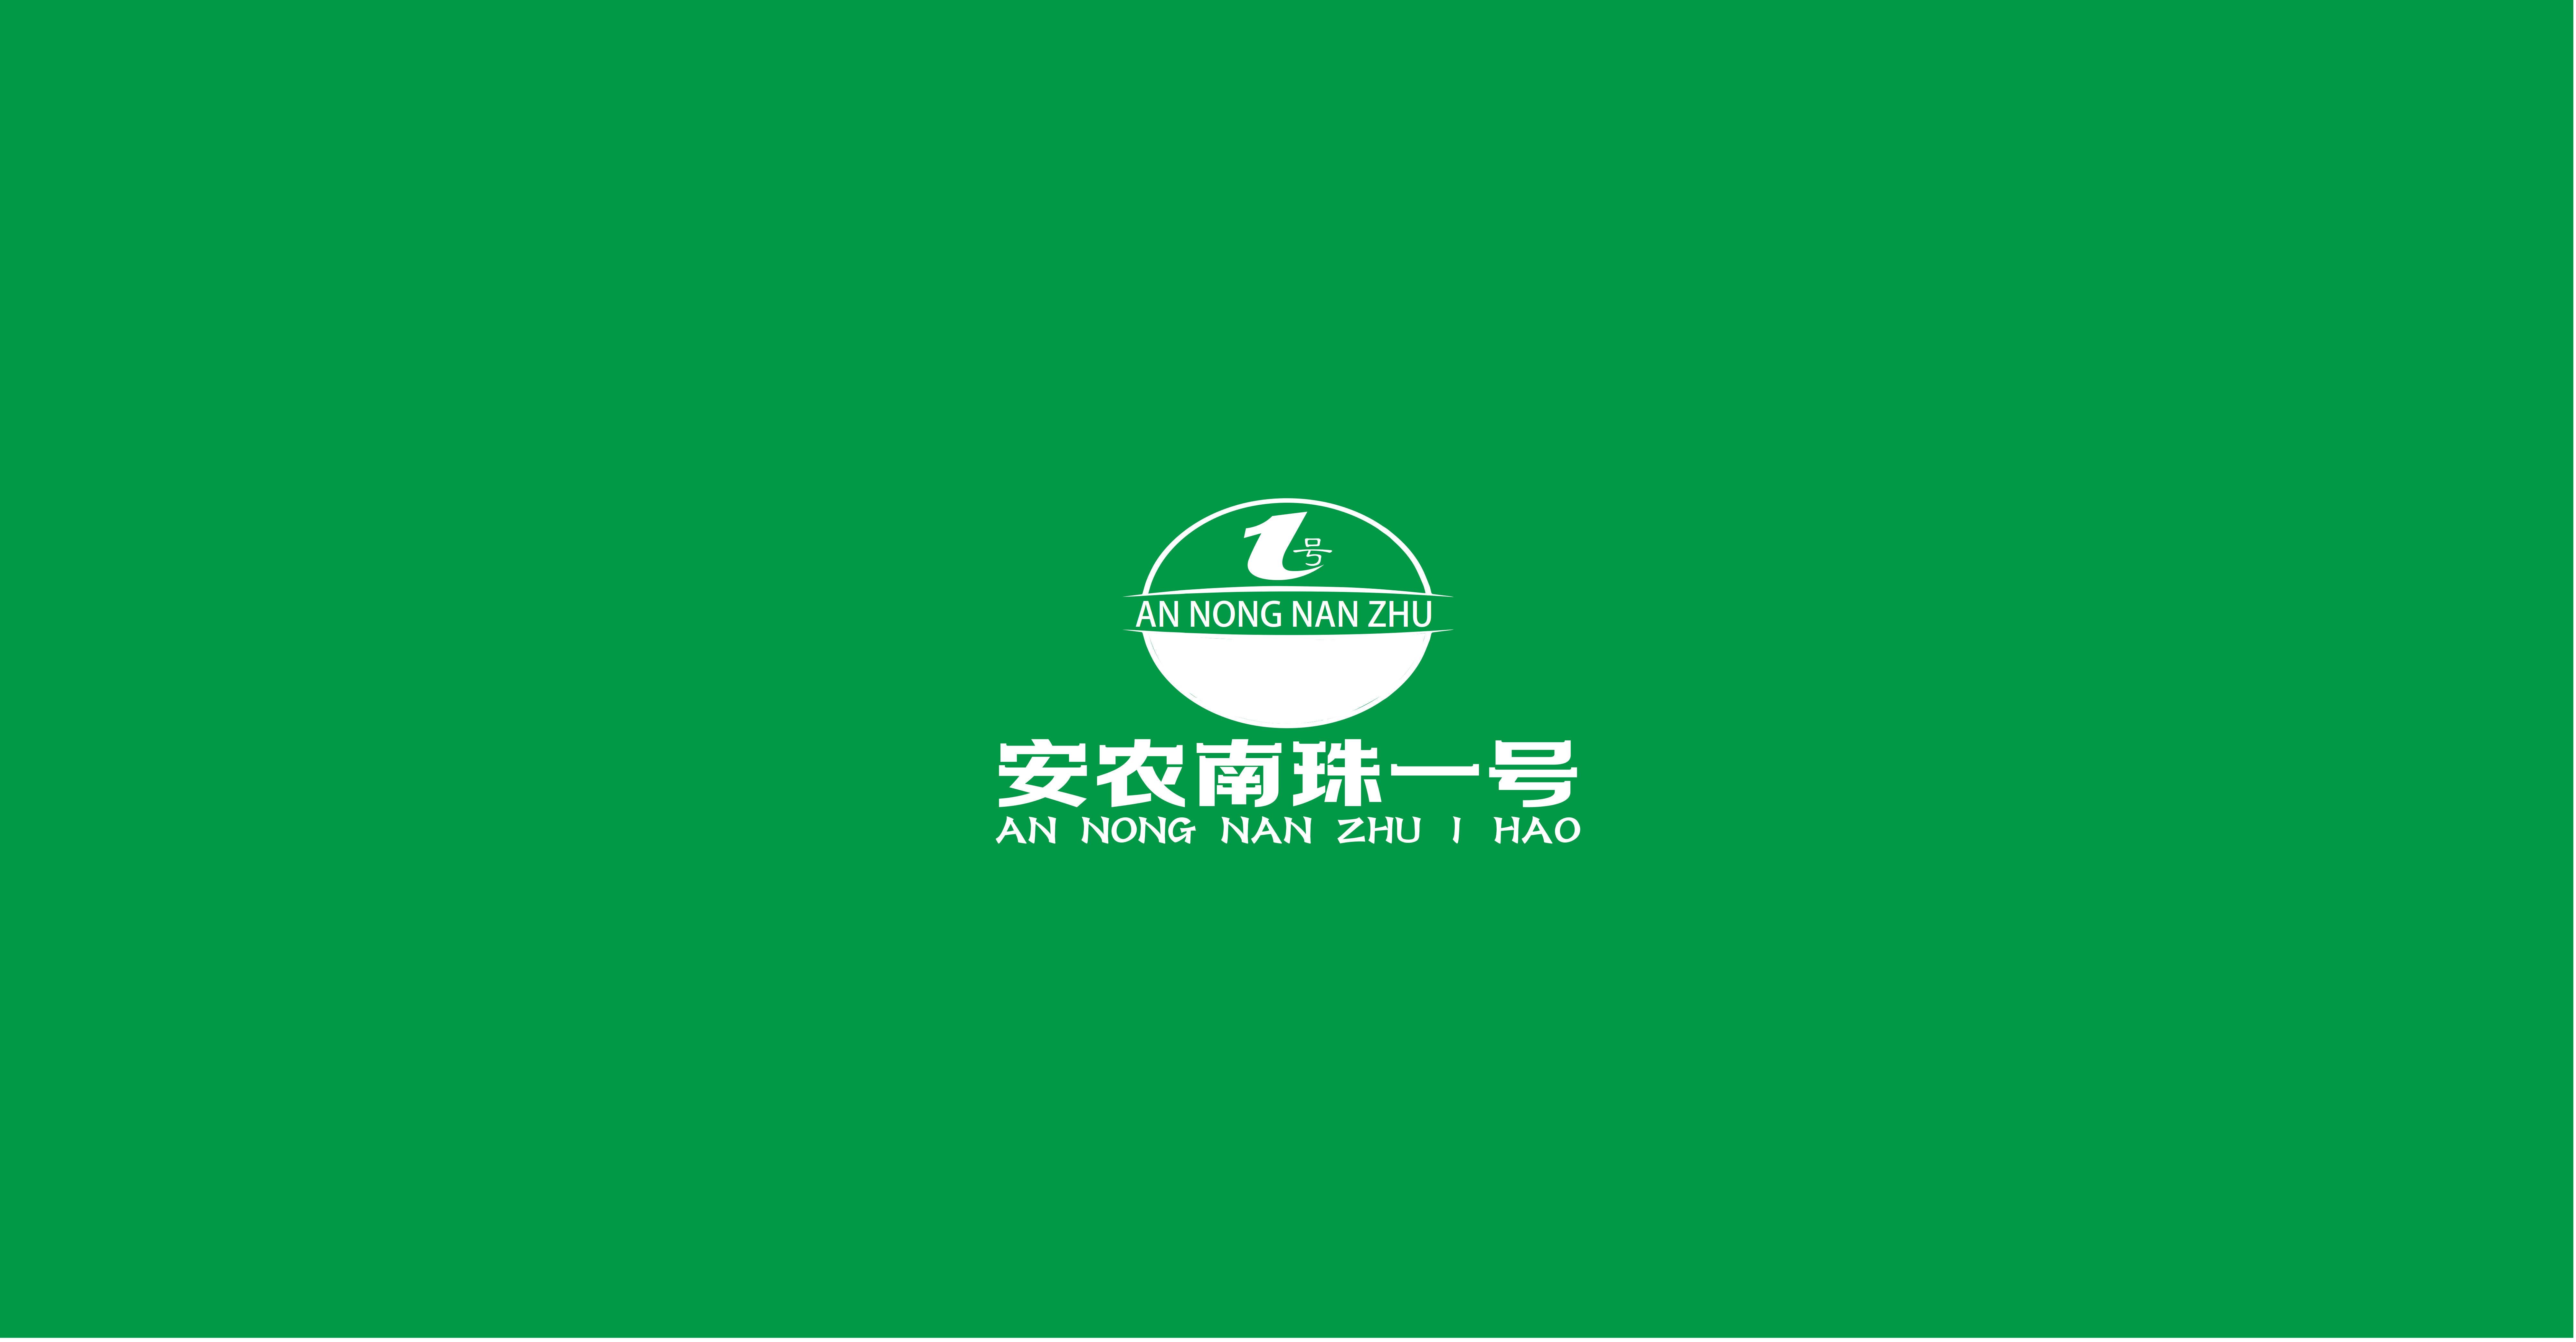 合浦县安农农业发展有限公司2